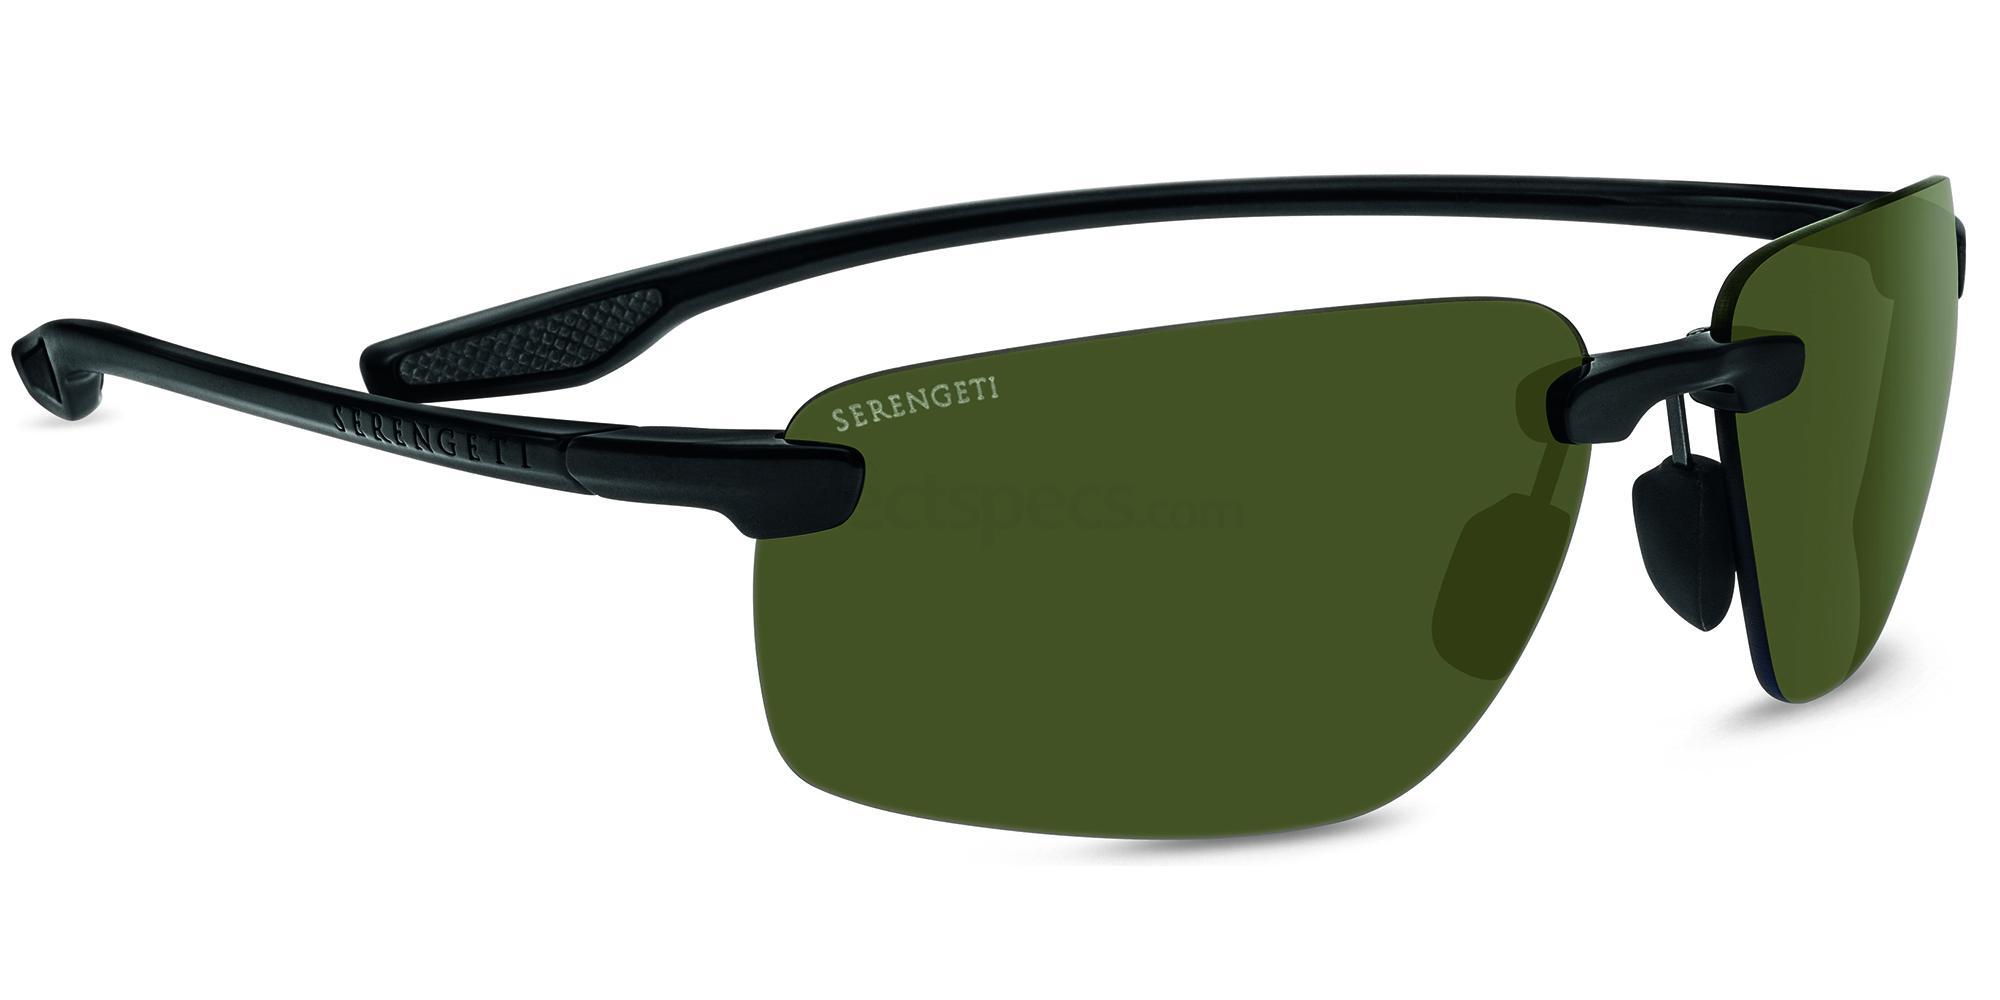 8501 Sport ERICE Sunglasses, Serengeti